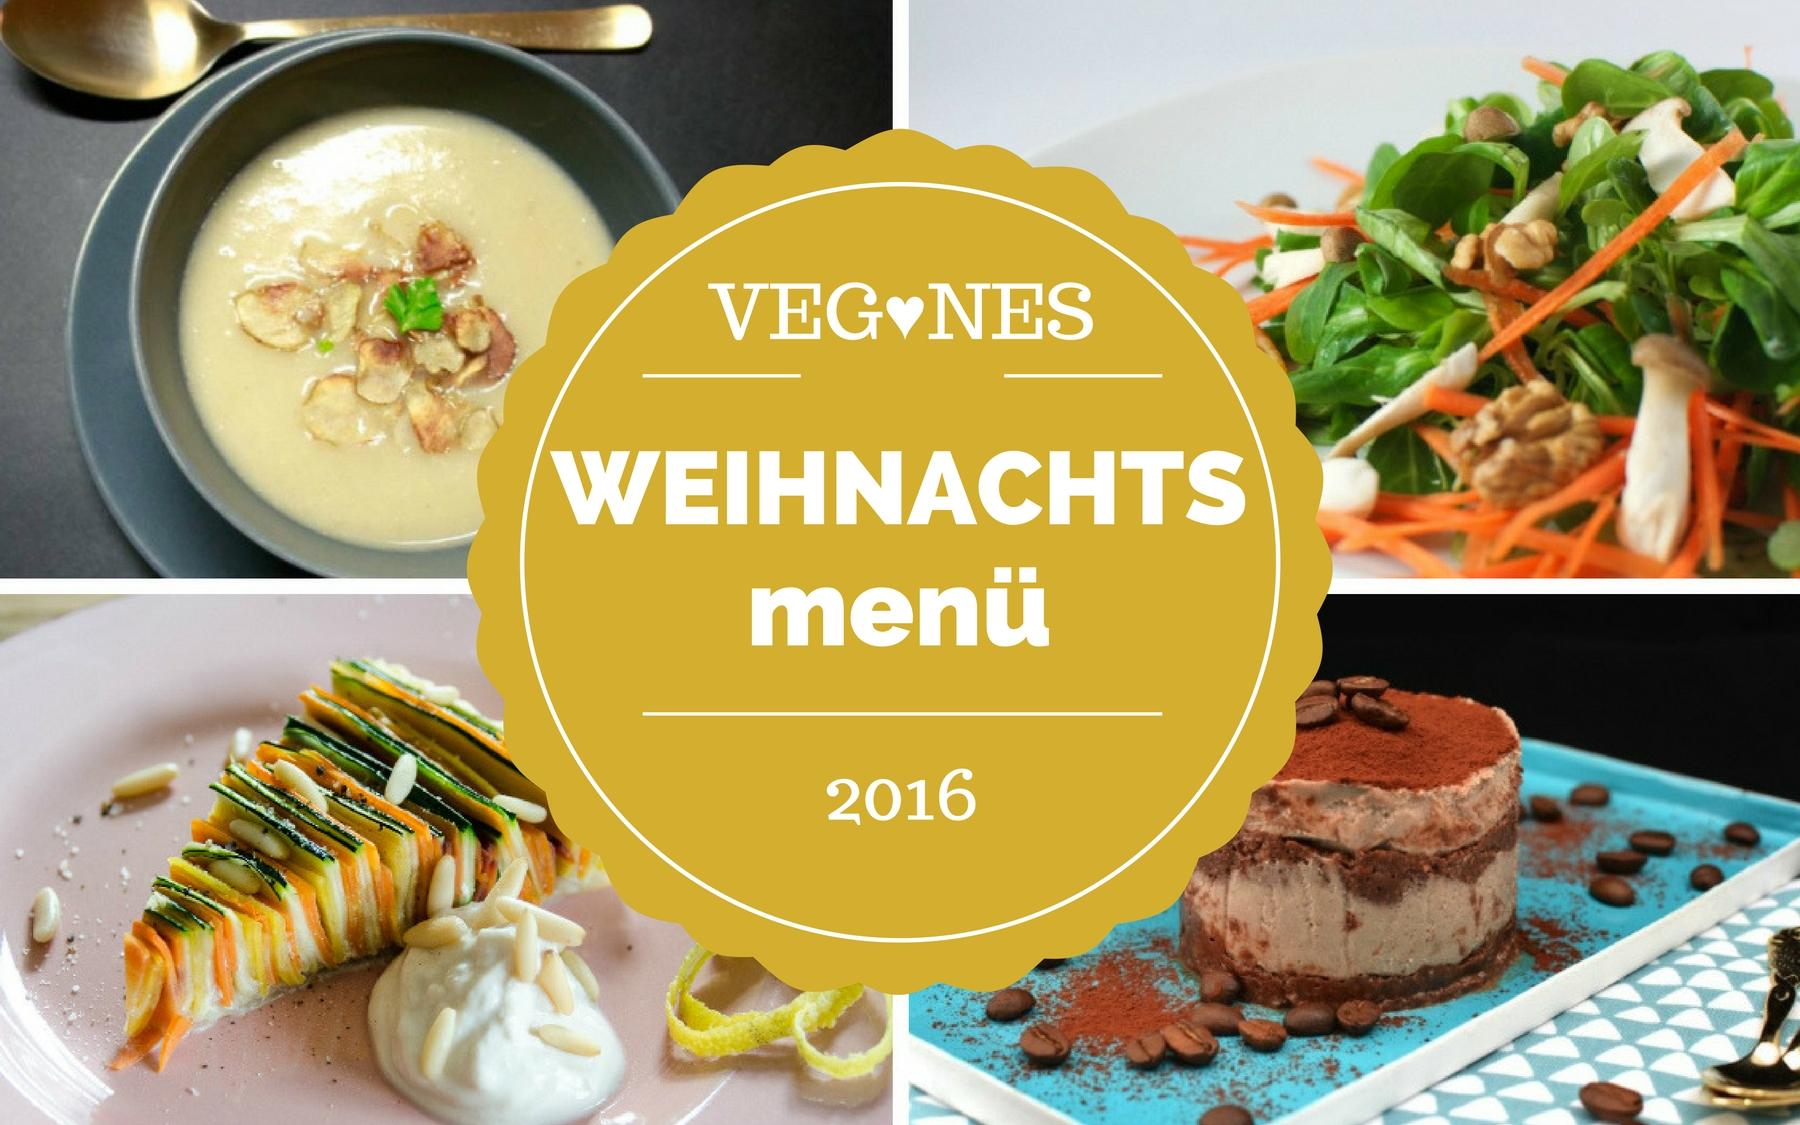 Veganes Weihnachtsmenü.Unser Veganes Weihnachtsmenü 2016 Veganblatt